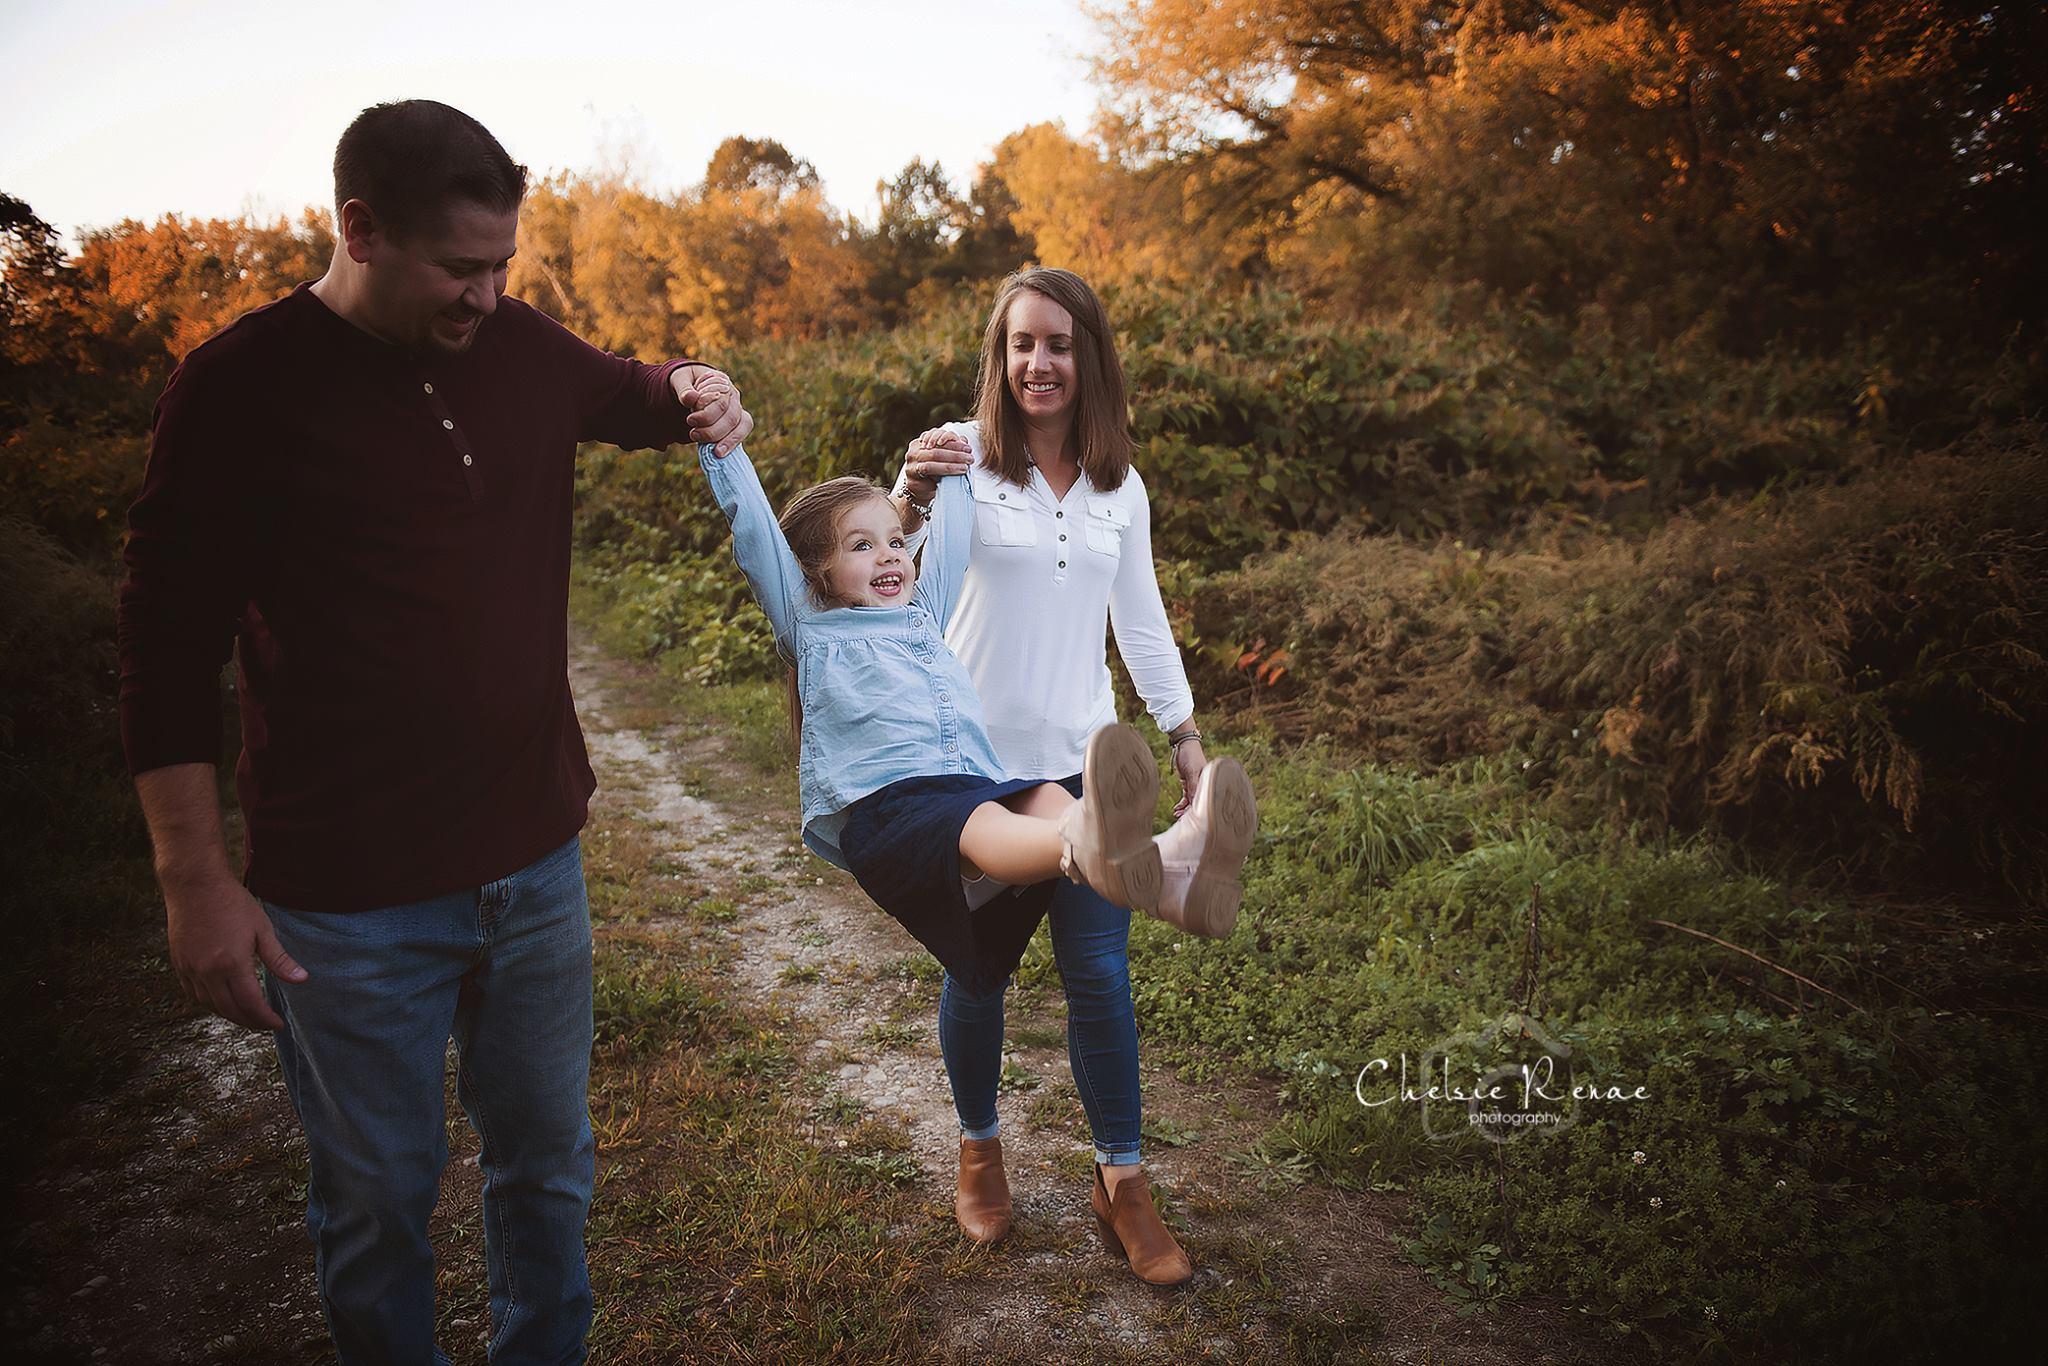 family swinging little girl laughing